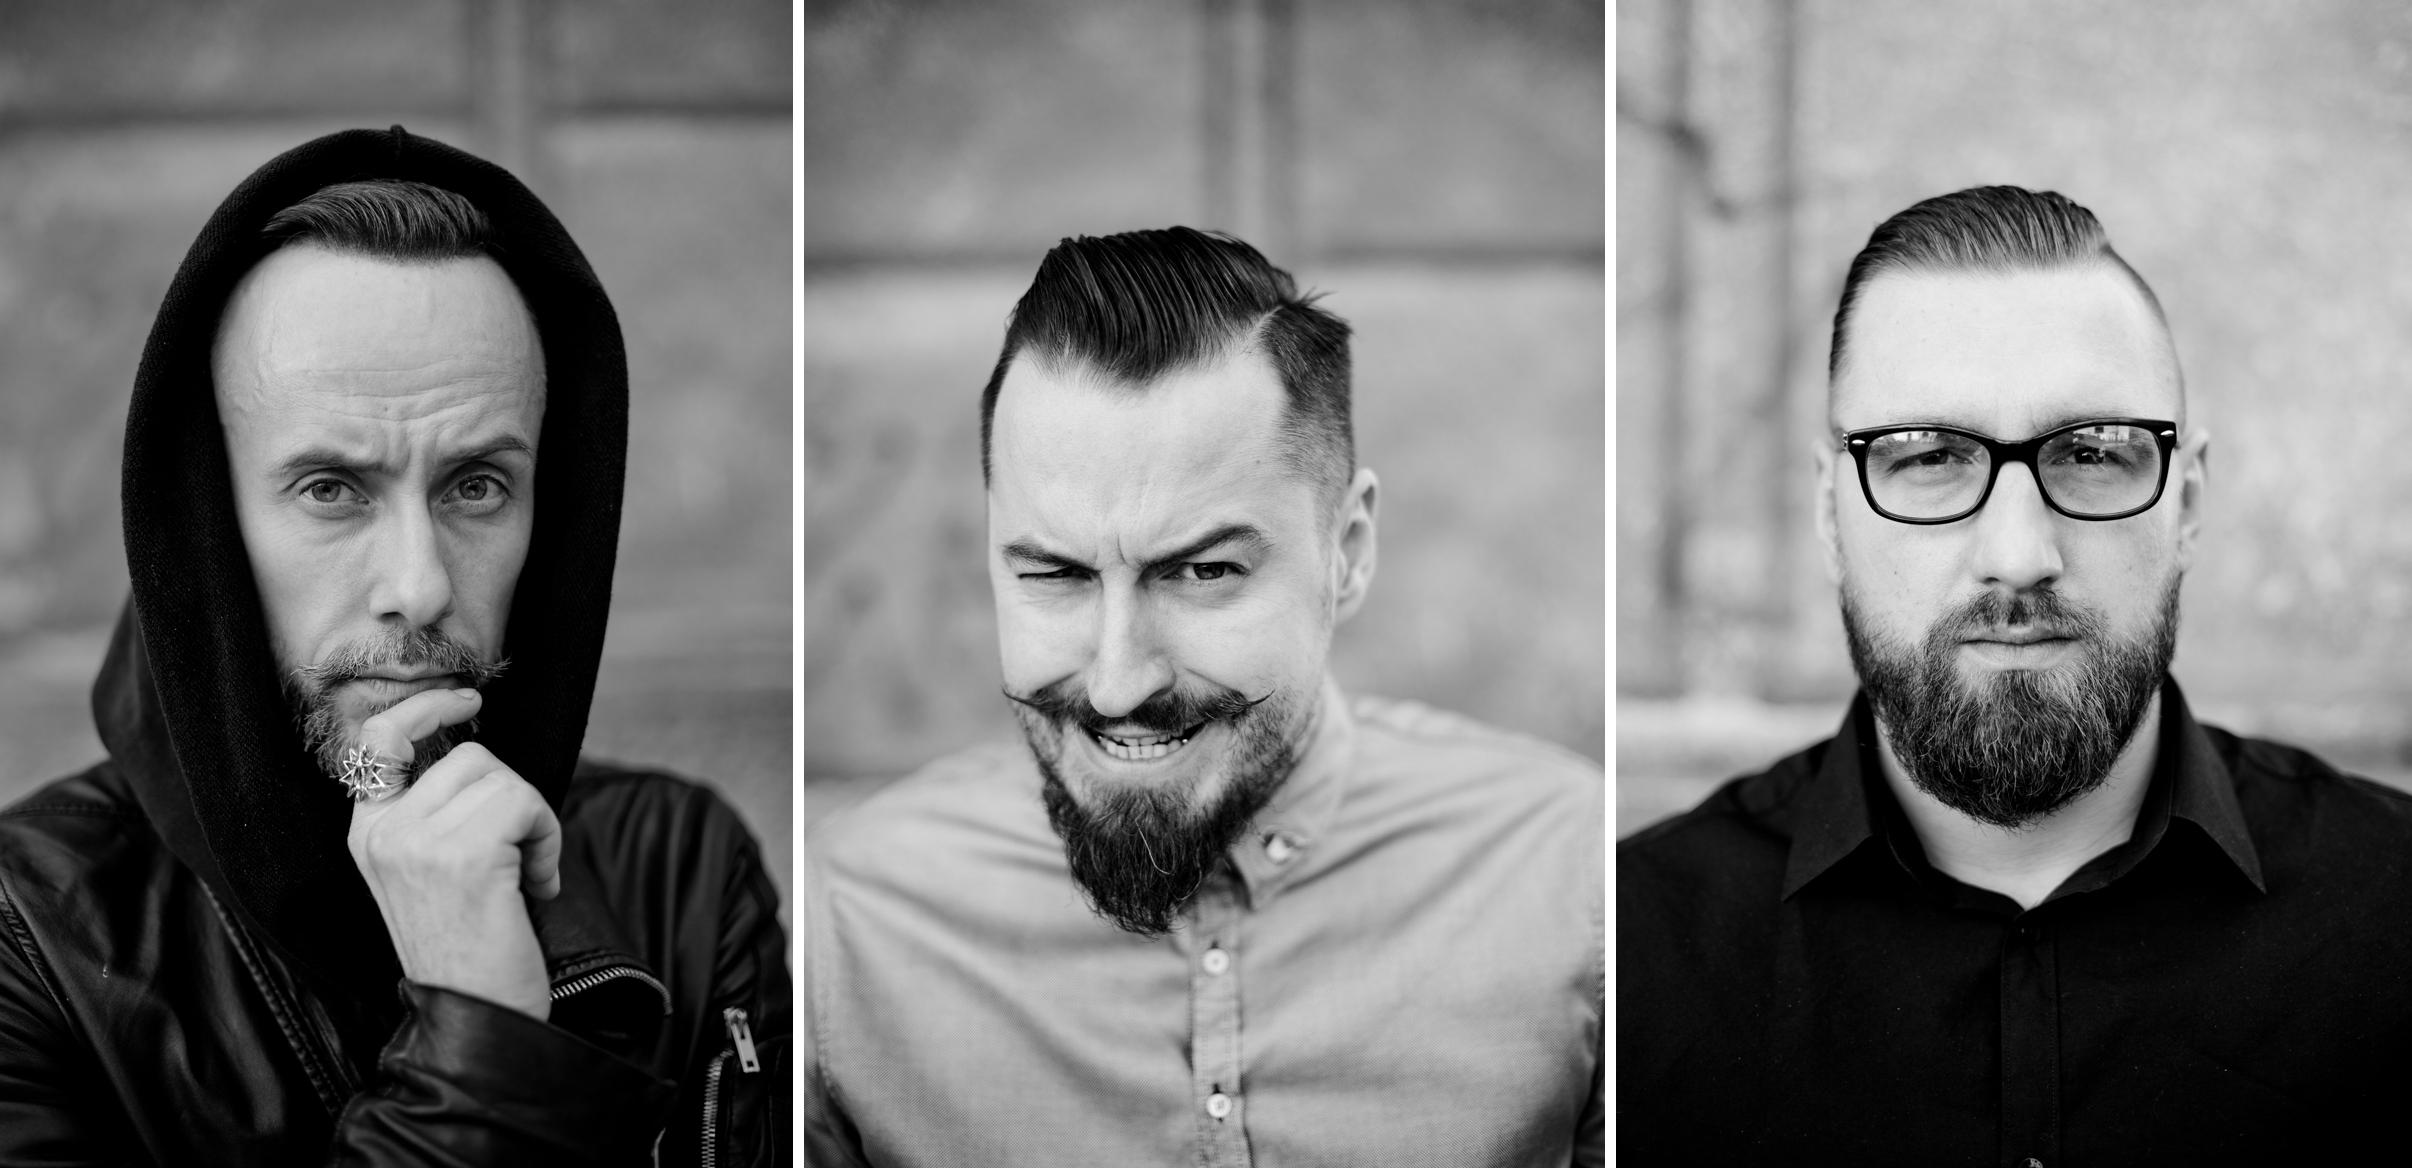 Adam Nergal Darski, Piotr Kędzior Kędzierski oraz Lukas Tarka (fot. Piotr Litwic)